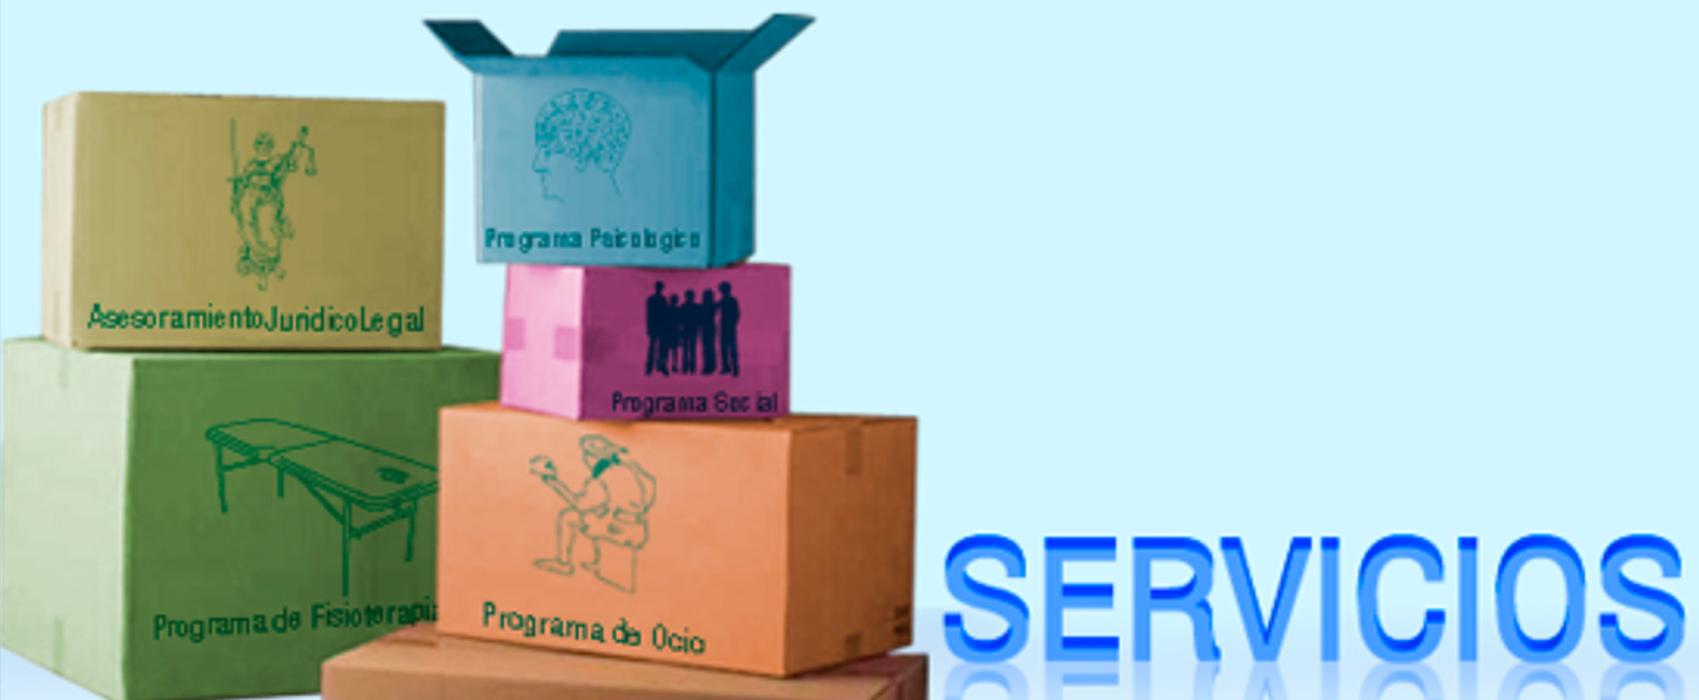 Servicios que ofrece la asociación Chiari y Siringomielia del Principado de Asturias